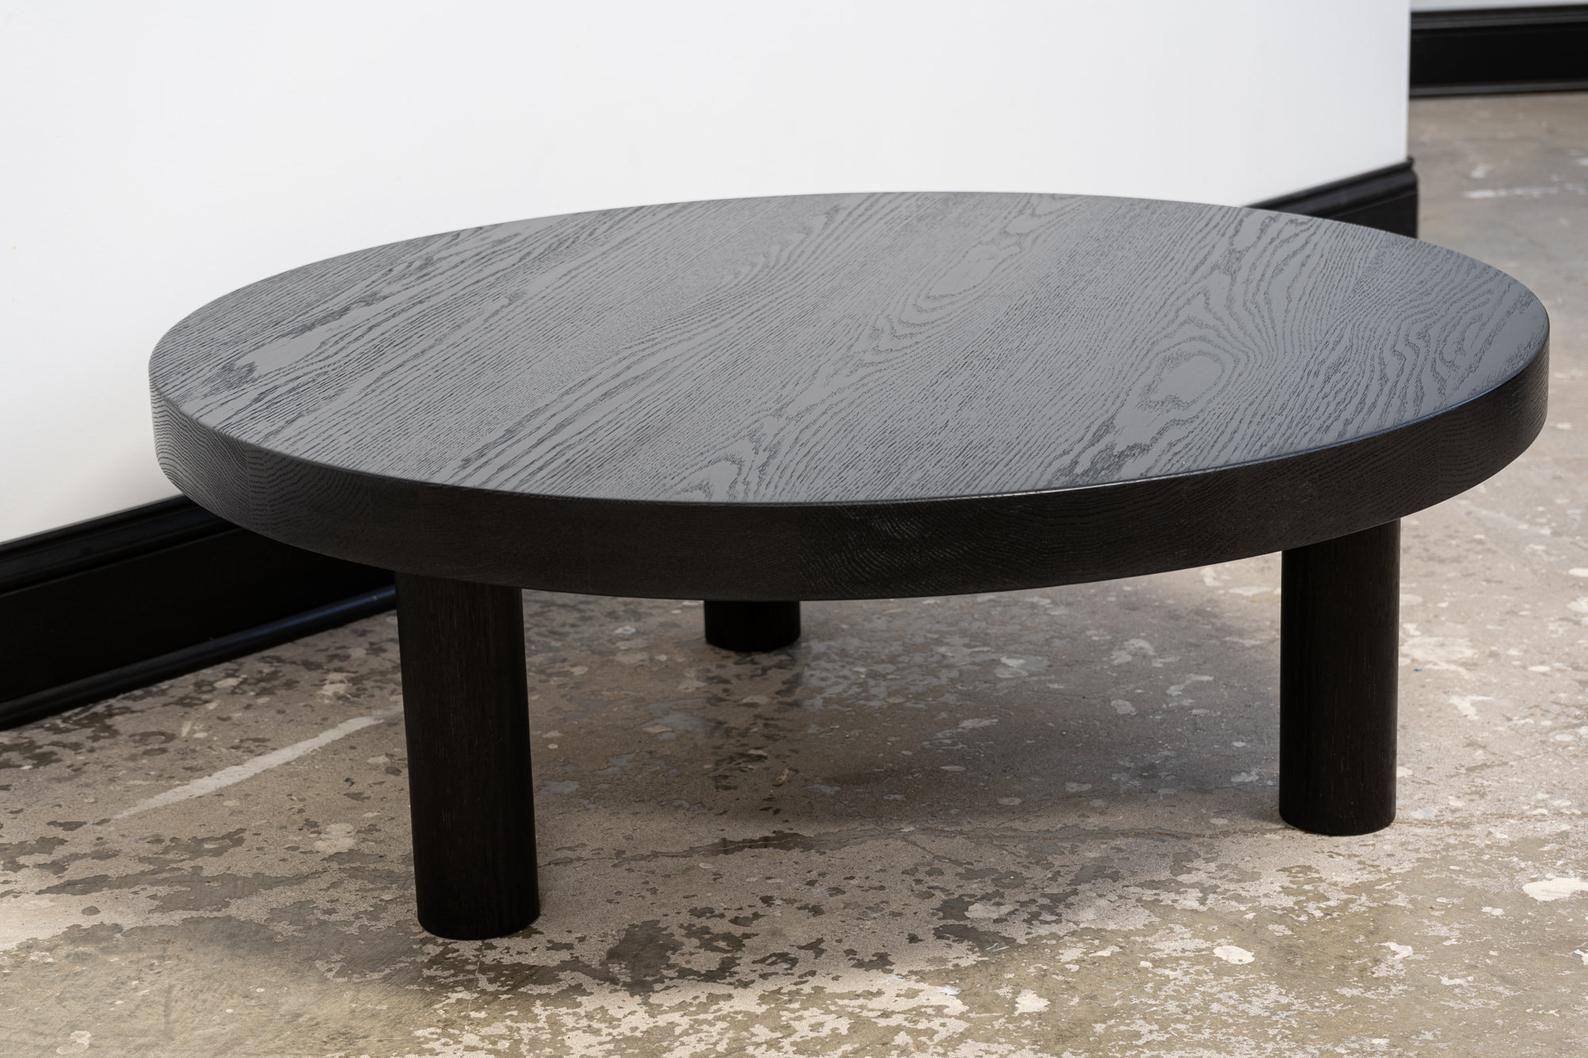 Round Ebonized Oak Coffee Table Round Leg Free Etsy Oak Coffee Table Round Coffee Table Coffee Table [ 1058 x 1588 Pixel ]